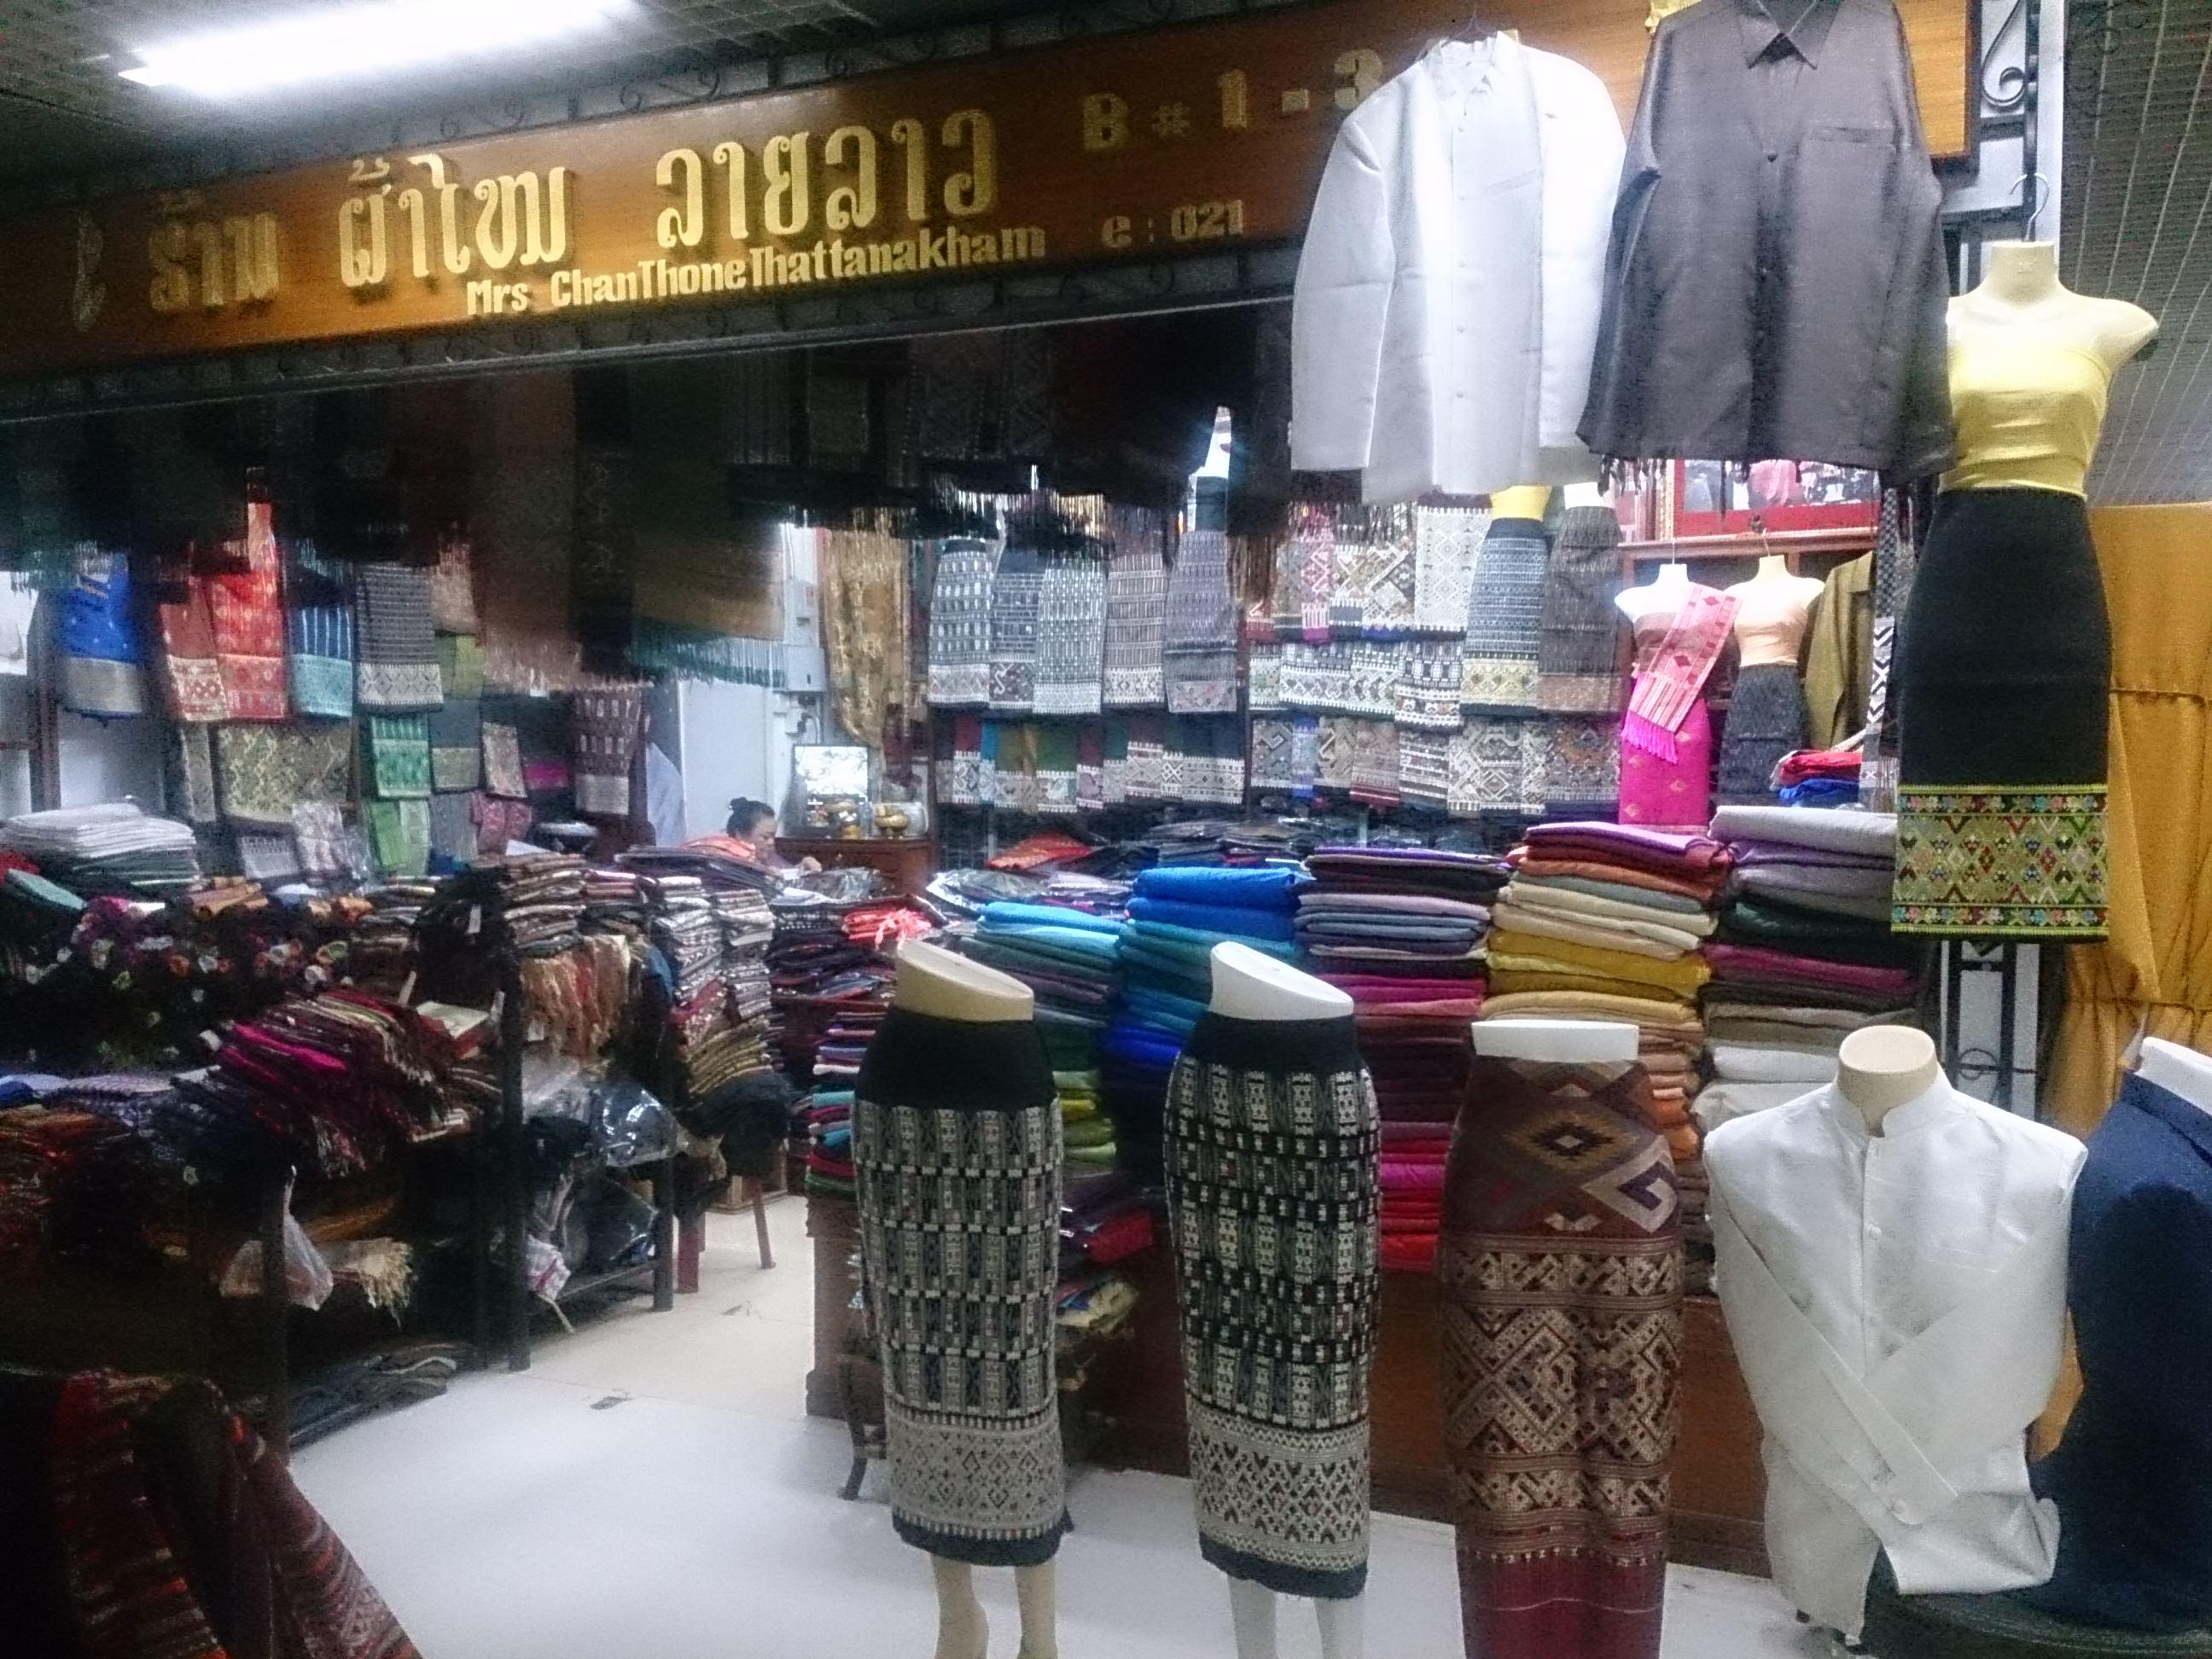 ラオス随一の商業施設 タラート・サオ・モール